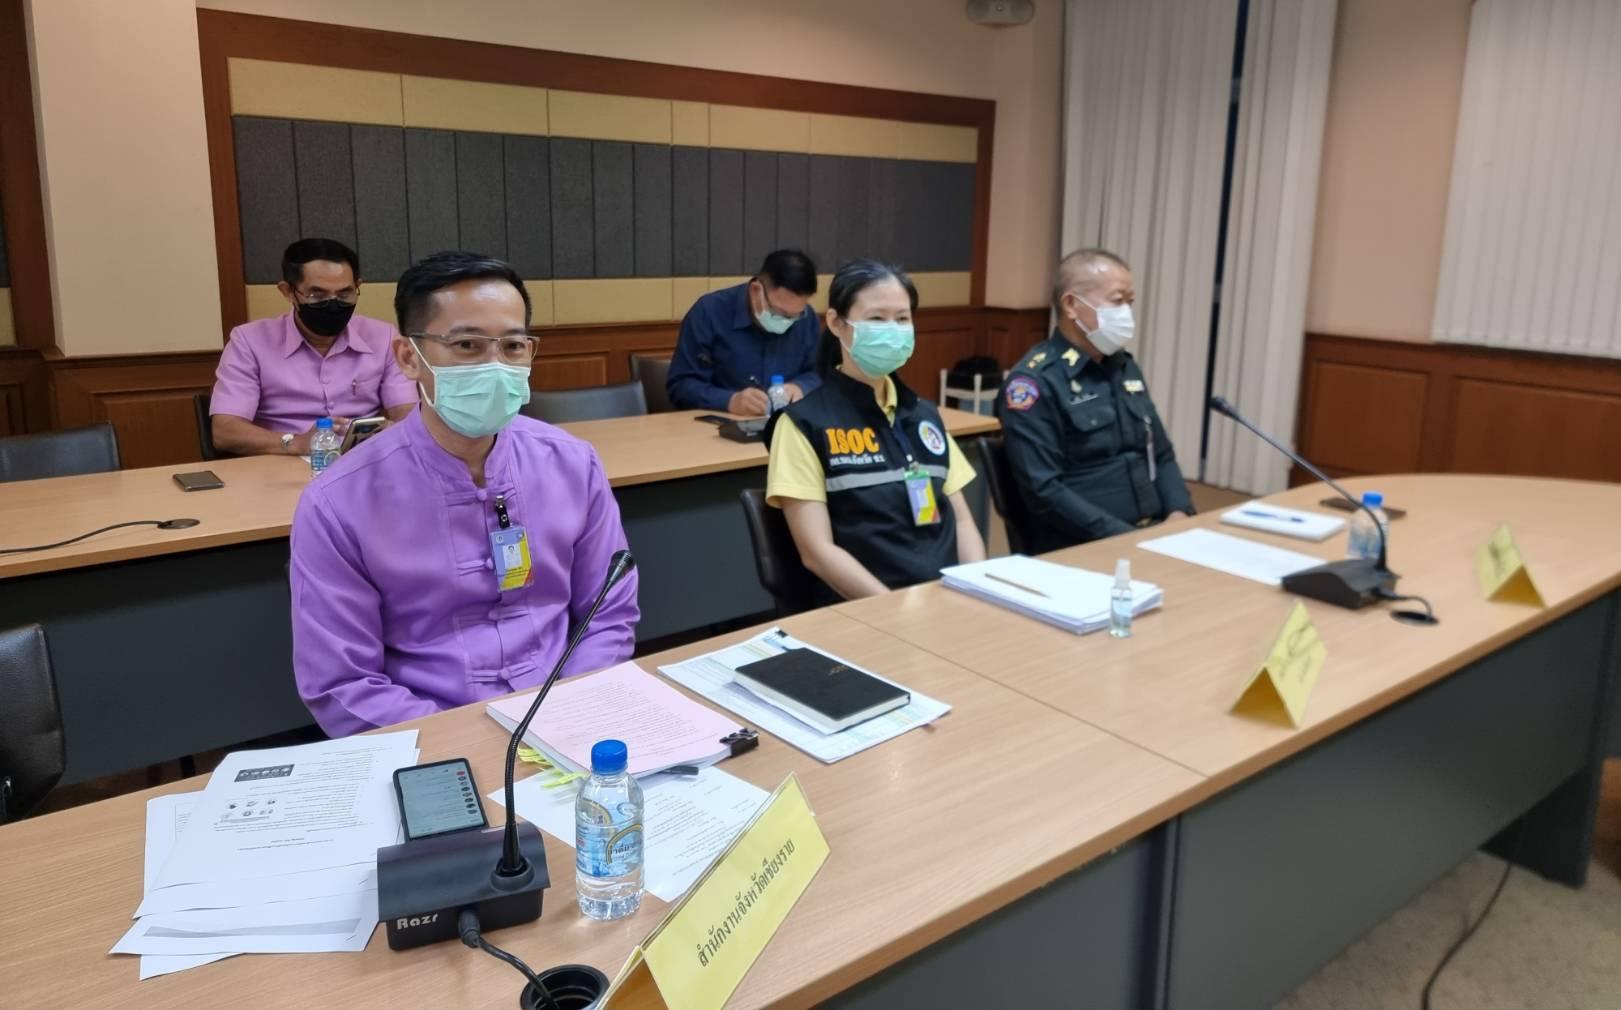 สรจ.ชร. เข้าร่วมประชุมคณะทำงานติดตามและประเมินสถานการณ์การแพร่ระบาดของโรคติดเชื้อไวรัสโคโรนา 2019 5 ก.ย. 2564